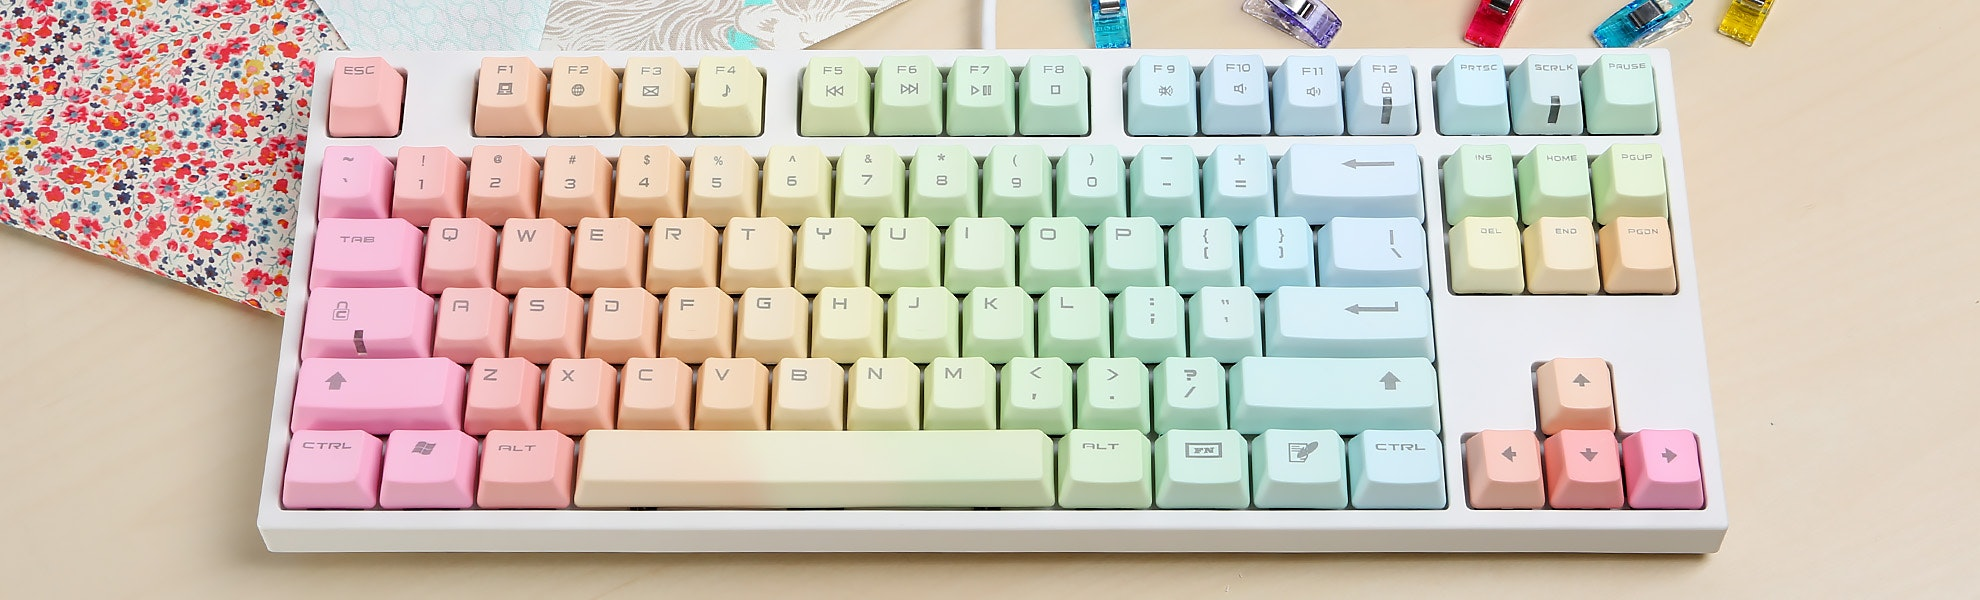 Keycool Rainbow Keyboard